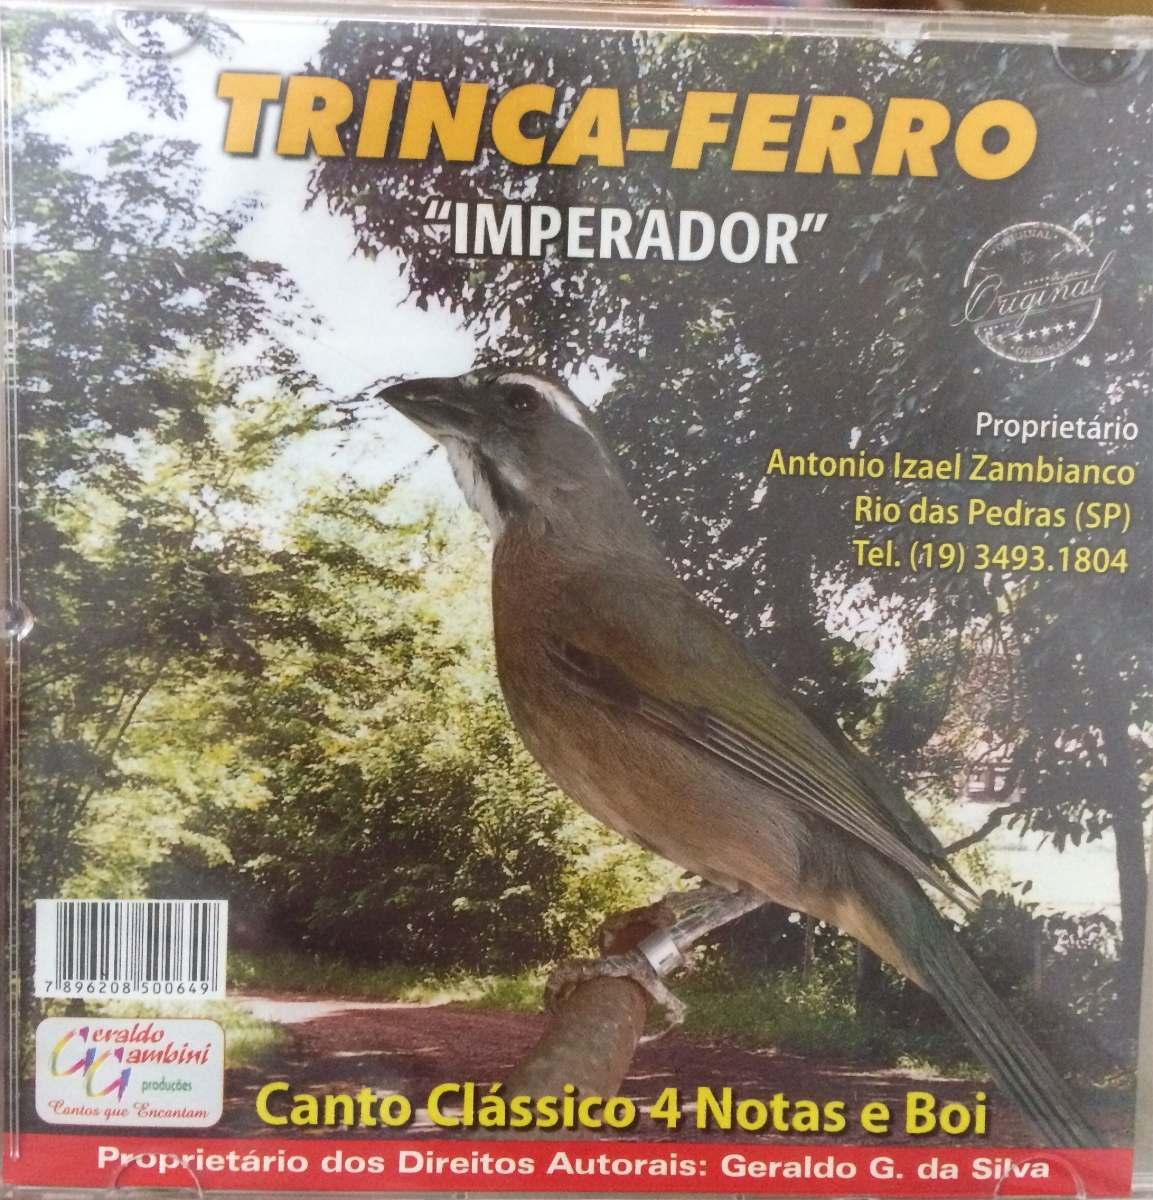 FERRO DE CANTO TORNEIO TRINCA BAIXAR DE